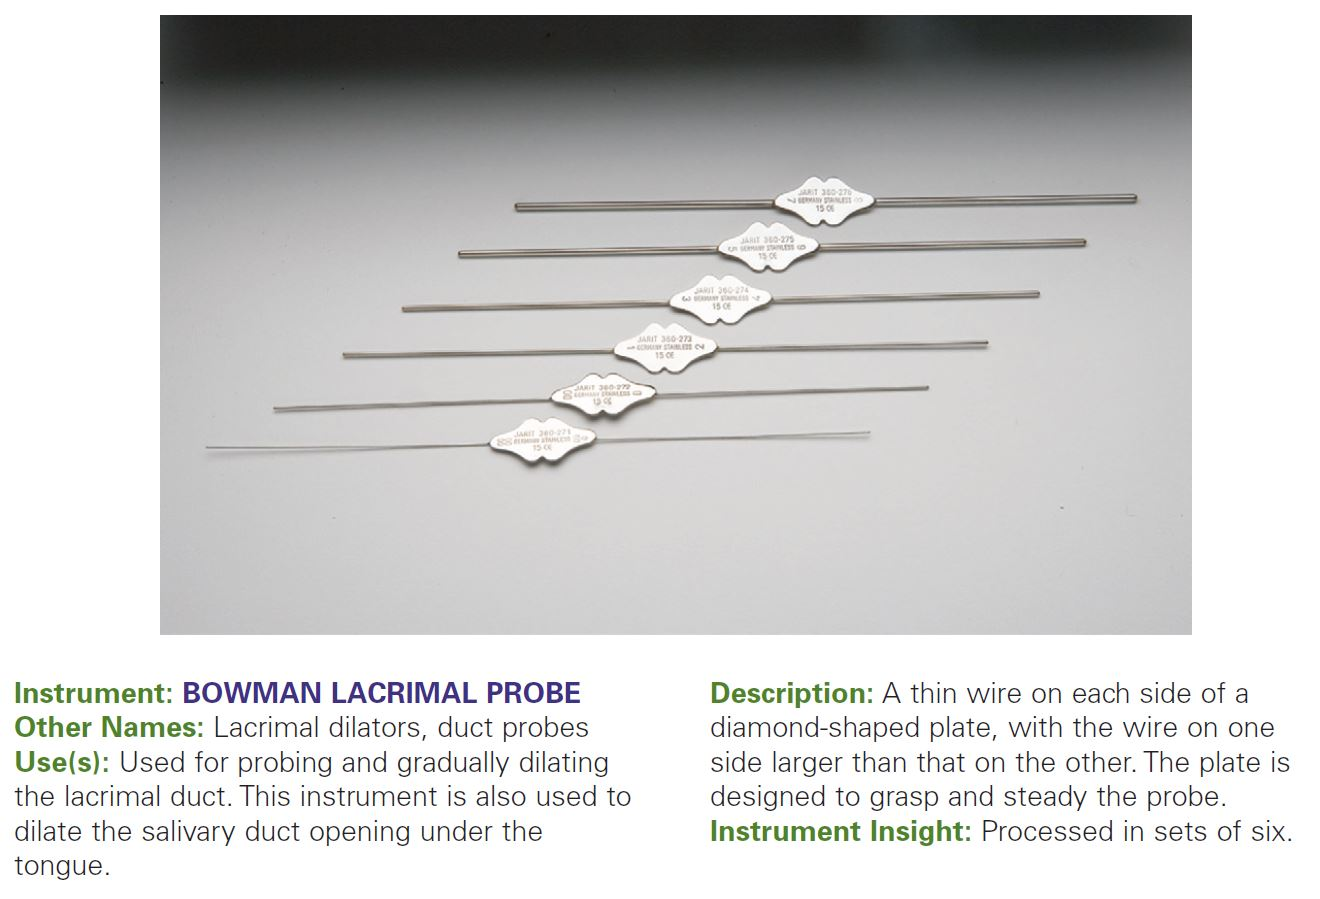 BOWMAN LACRIMAL PROBE